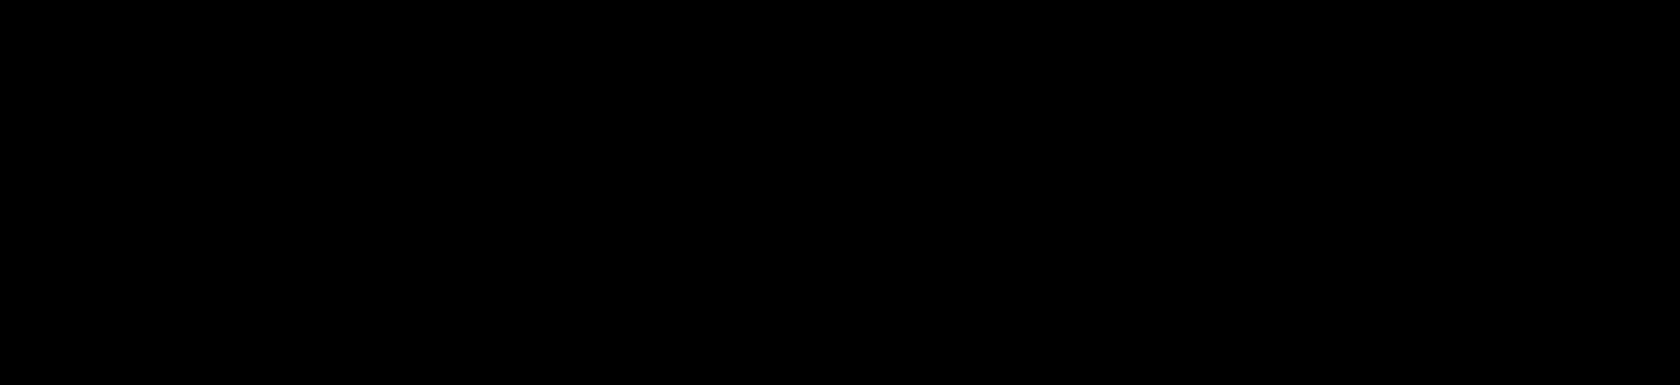 https://www.xumbalu.de/wp-content/uploads/2017/03/patreon_black.png